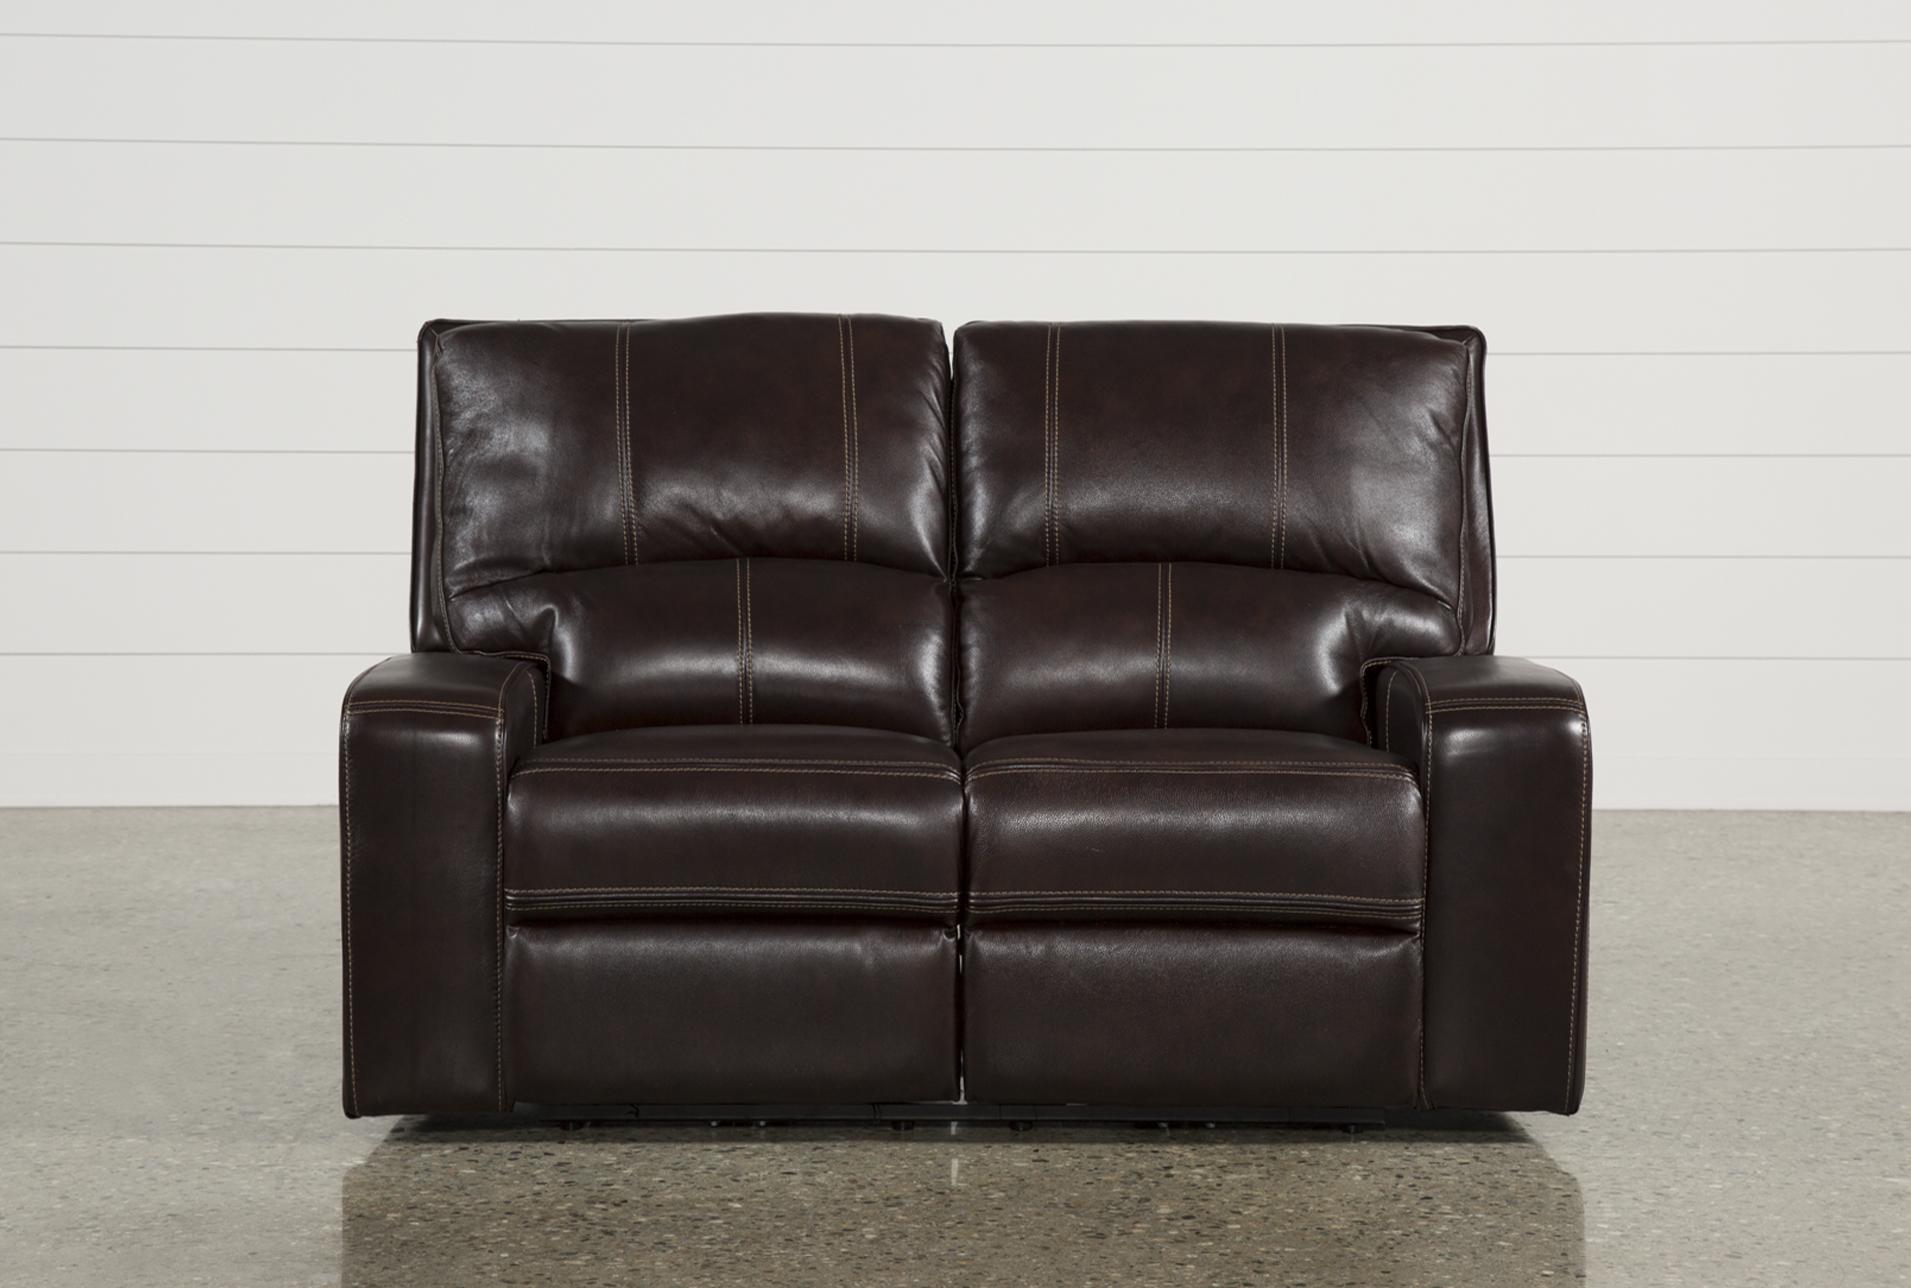 Marvelous Clyde Dark Brown Leather Power Reclining Loveseat W Power Short Links Chair Design For Home Short Linksinfo